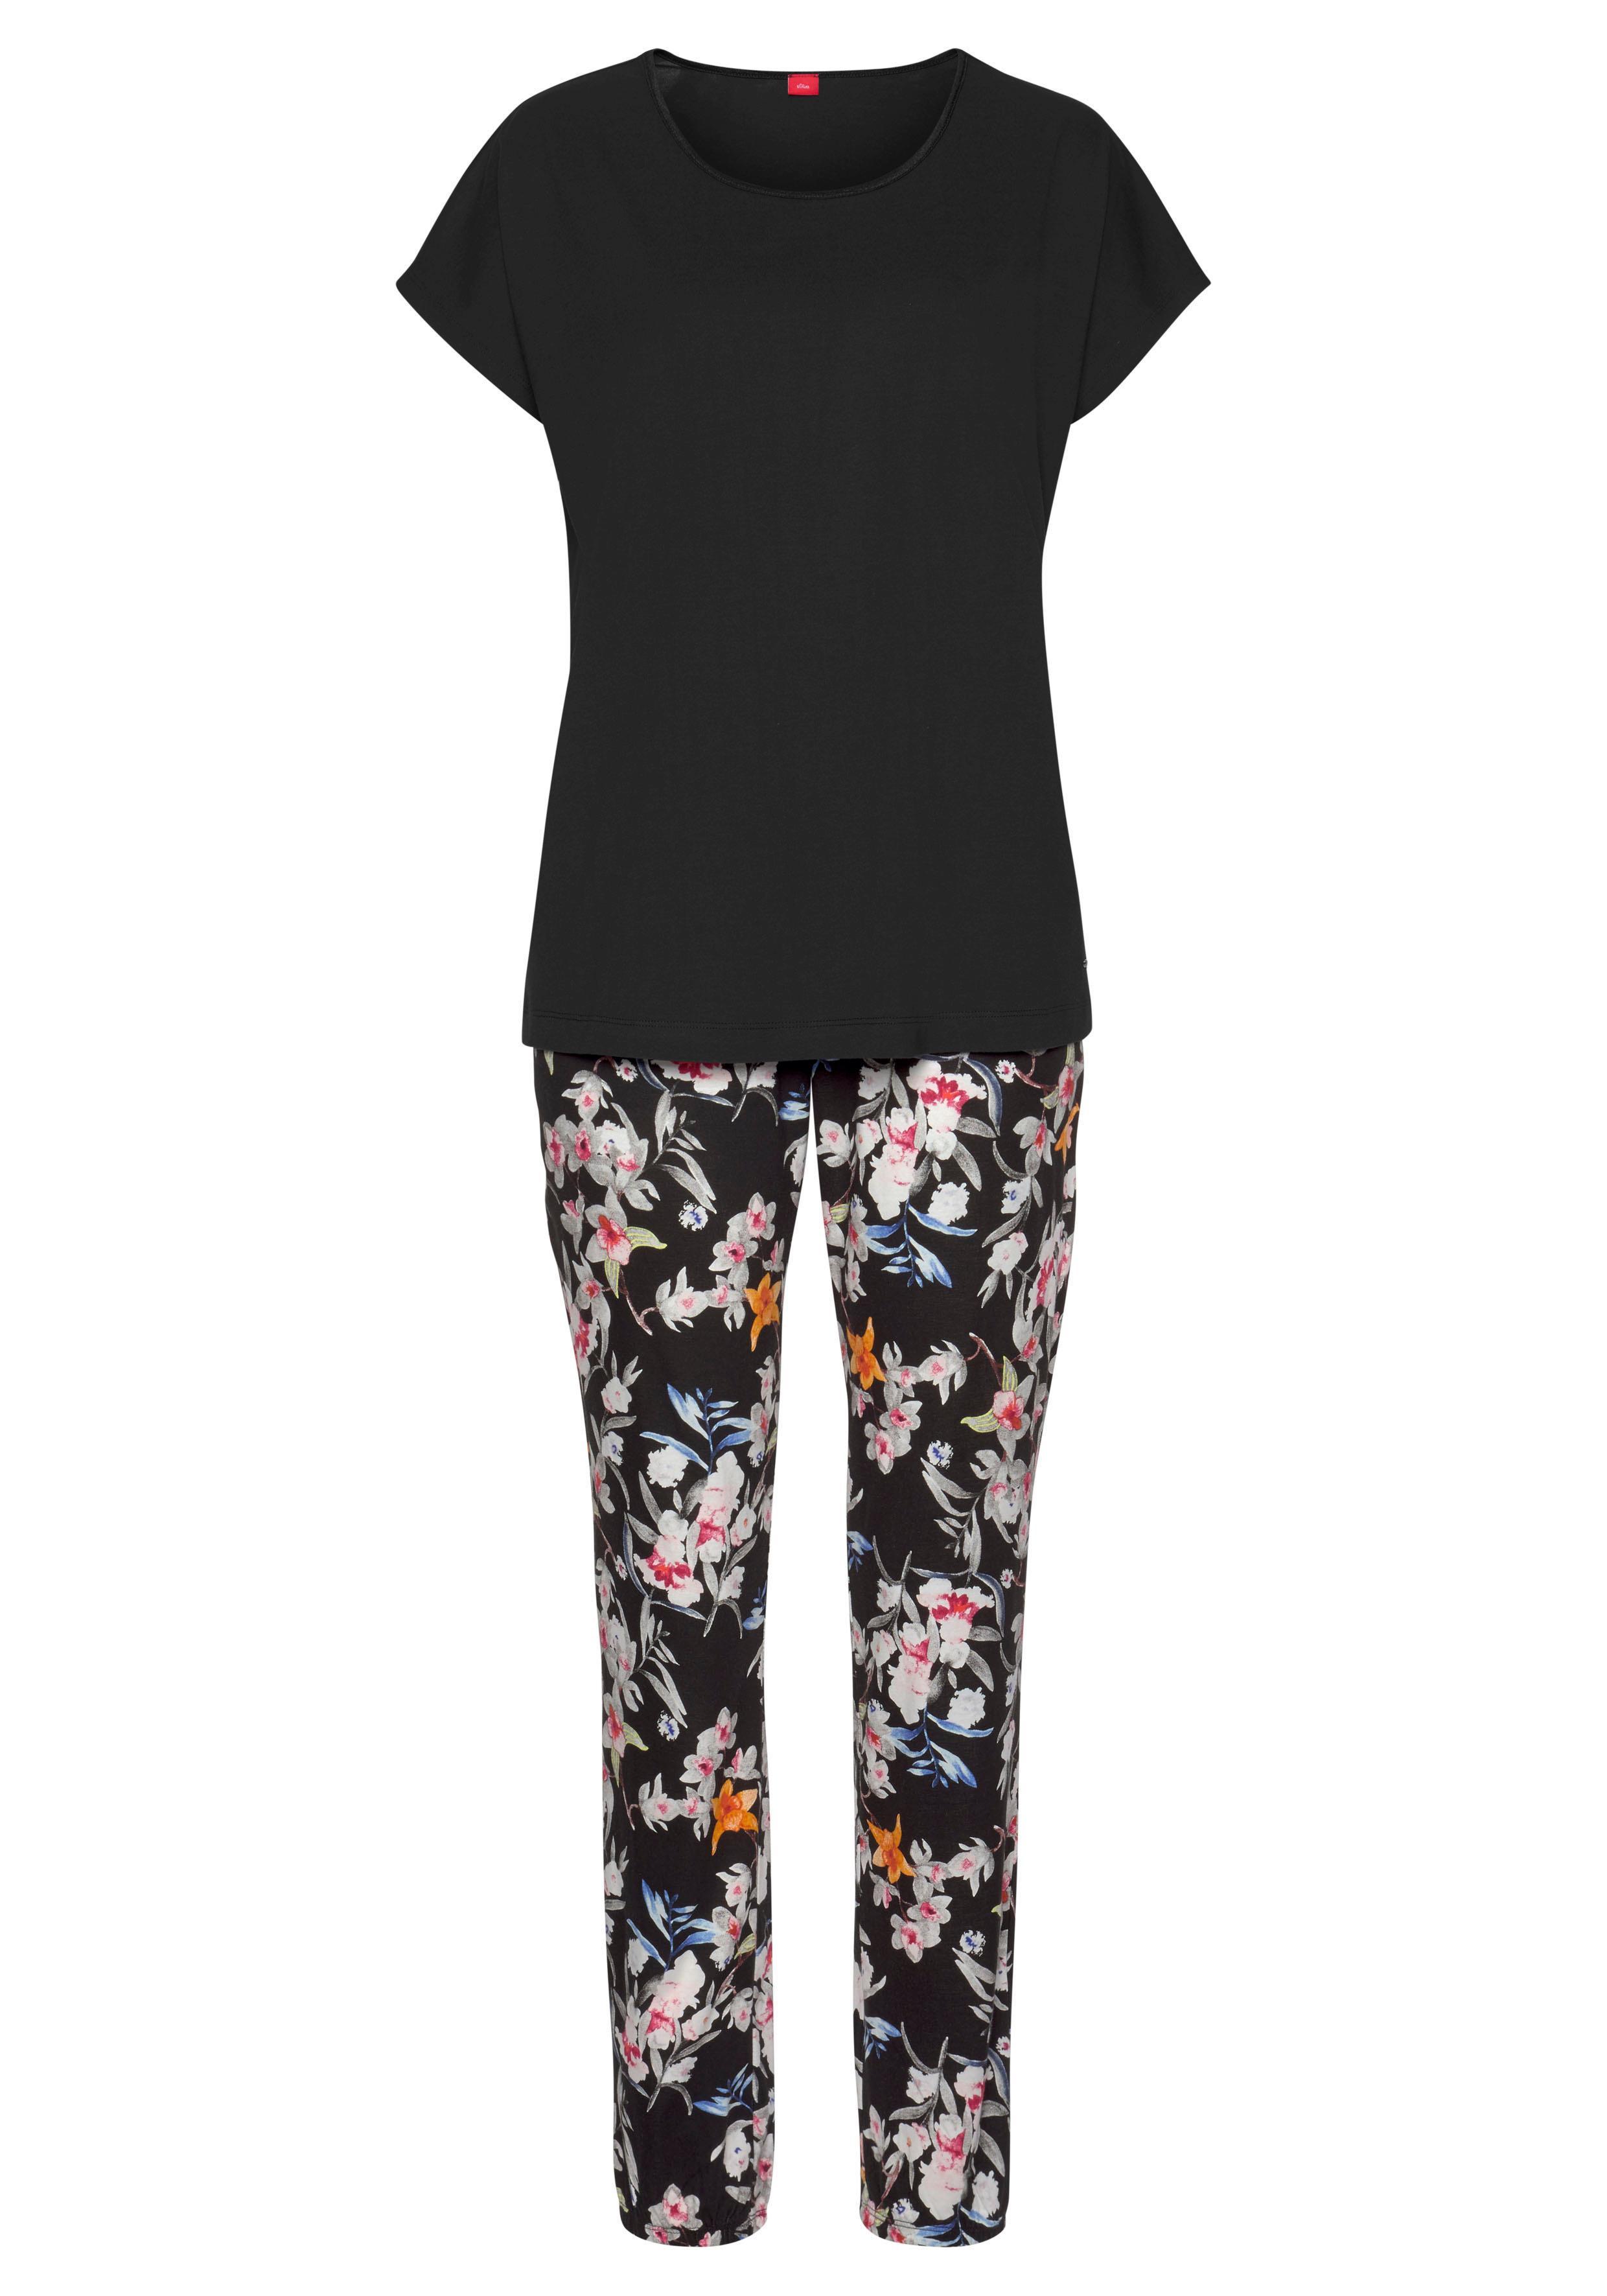 s.Oliver Pyjama mit Blumenmuster günstig online kaufen